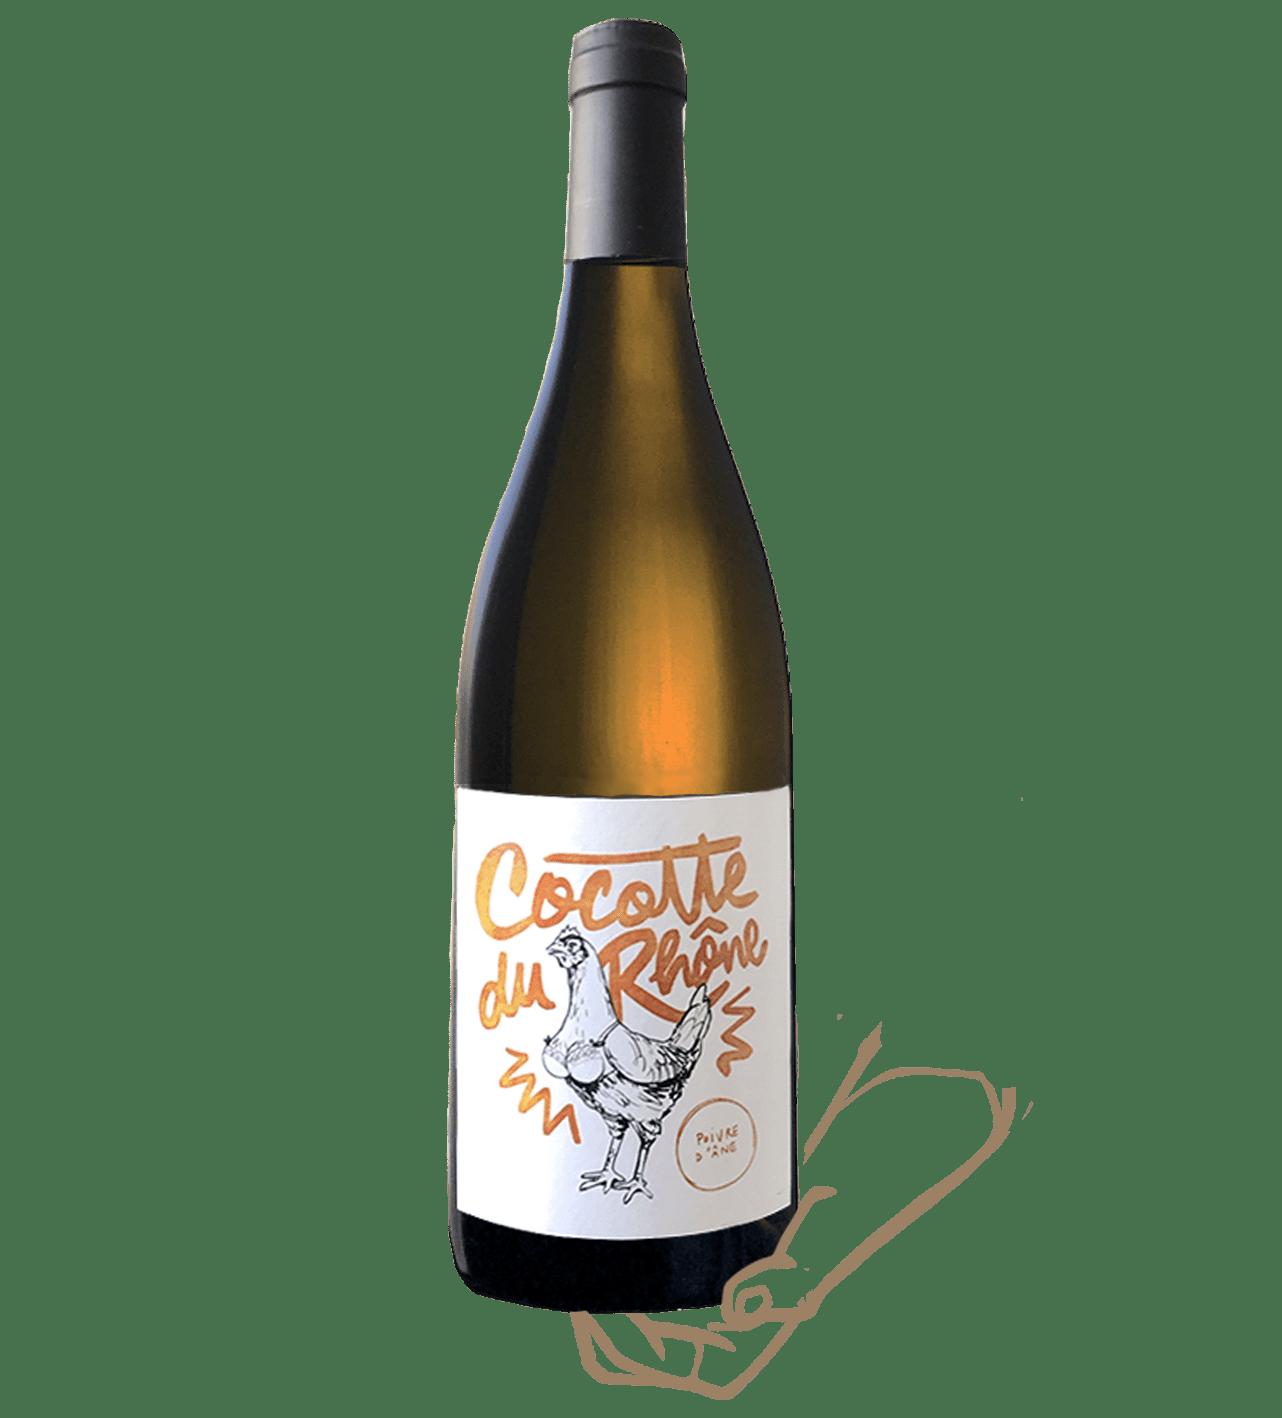 cocotte du rhone est un vin blanc nature poivre d'ane